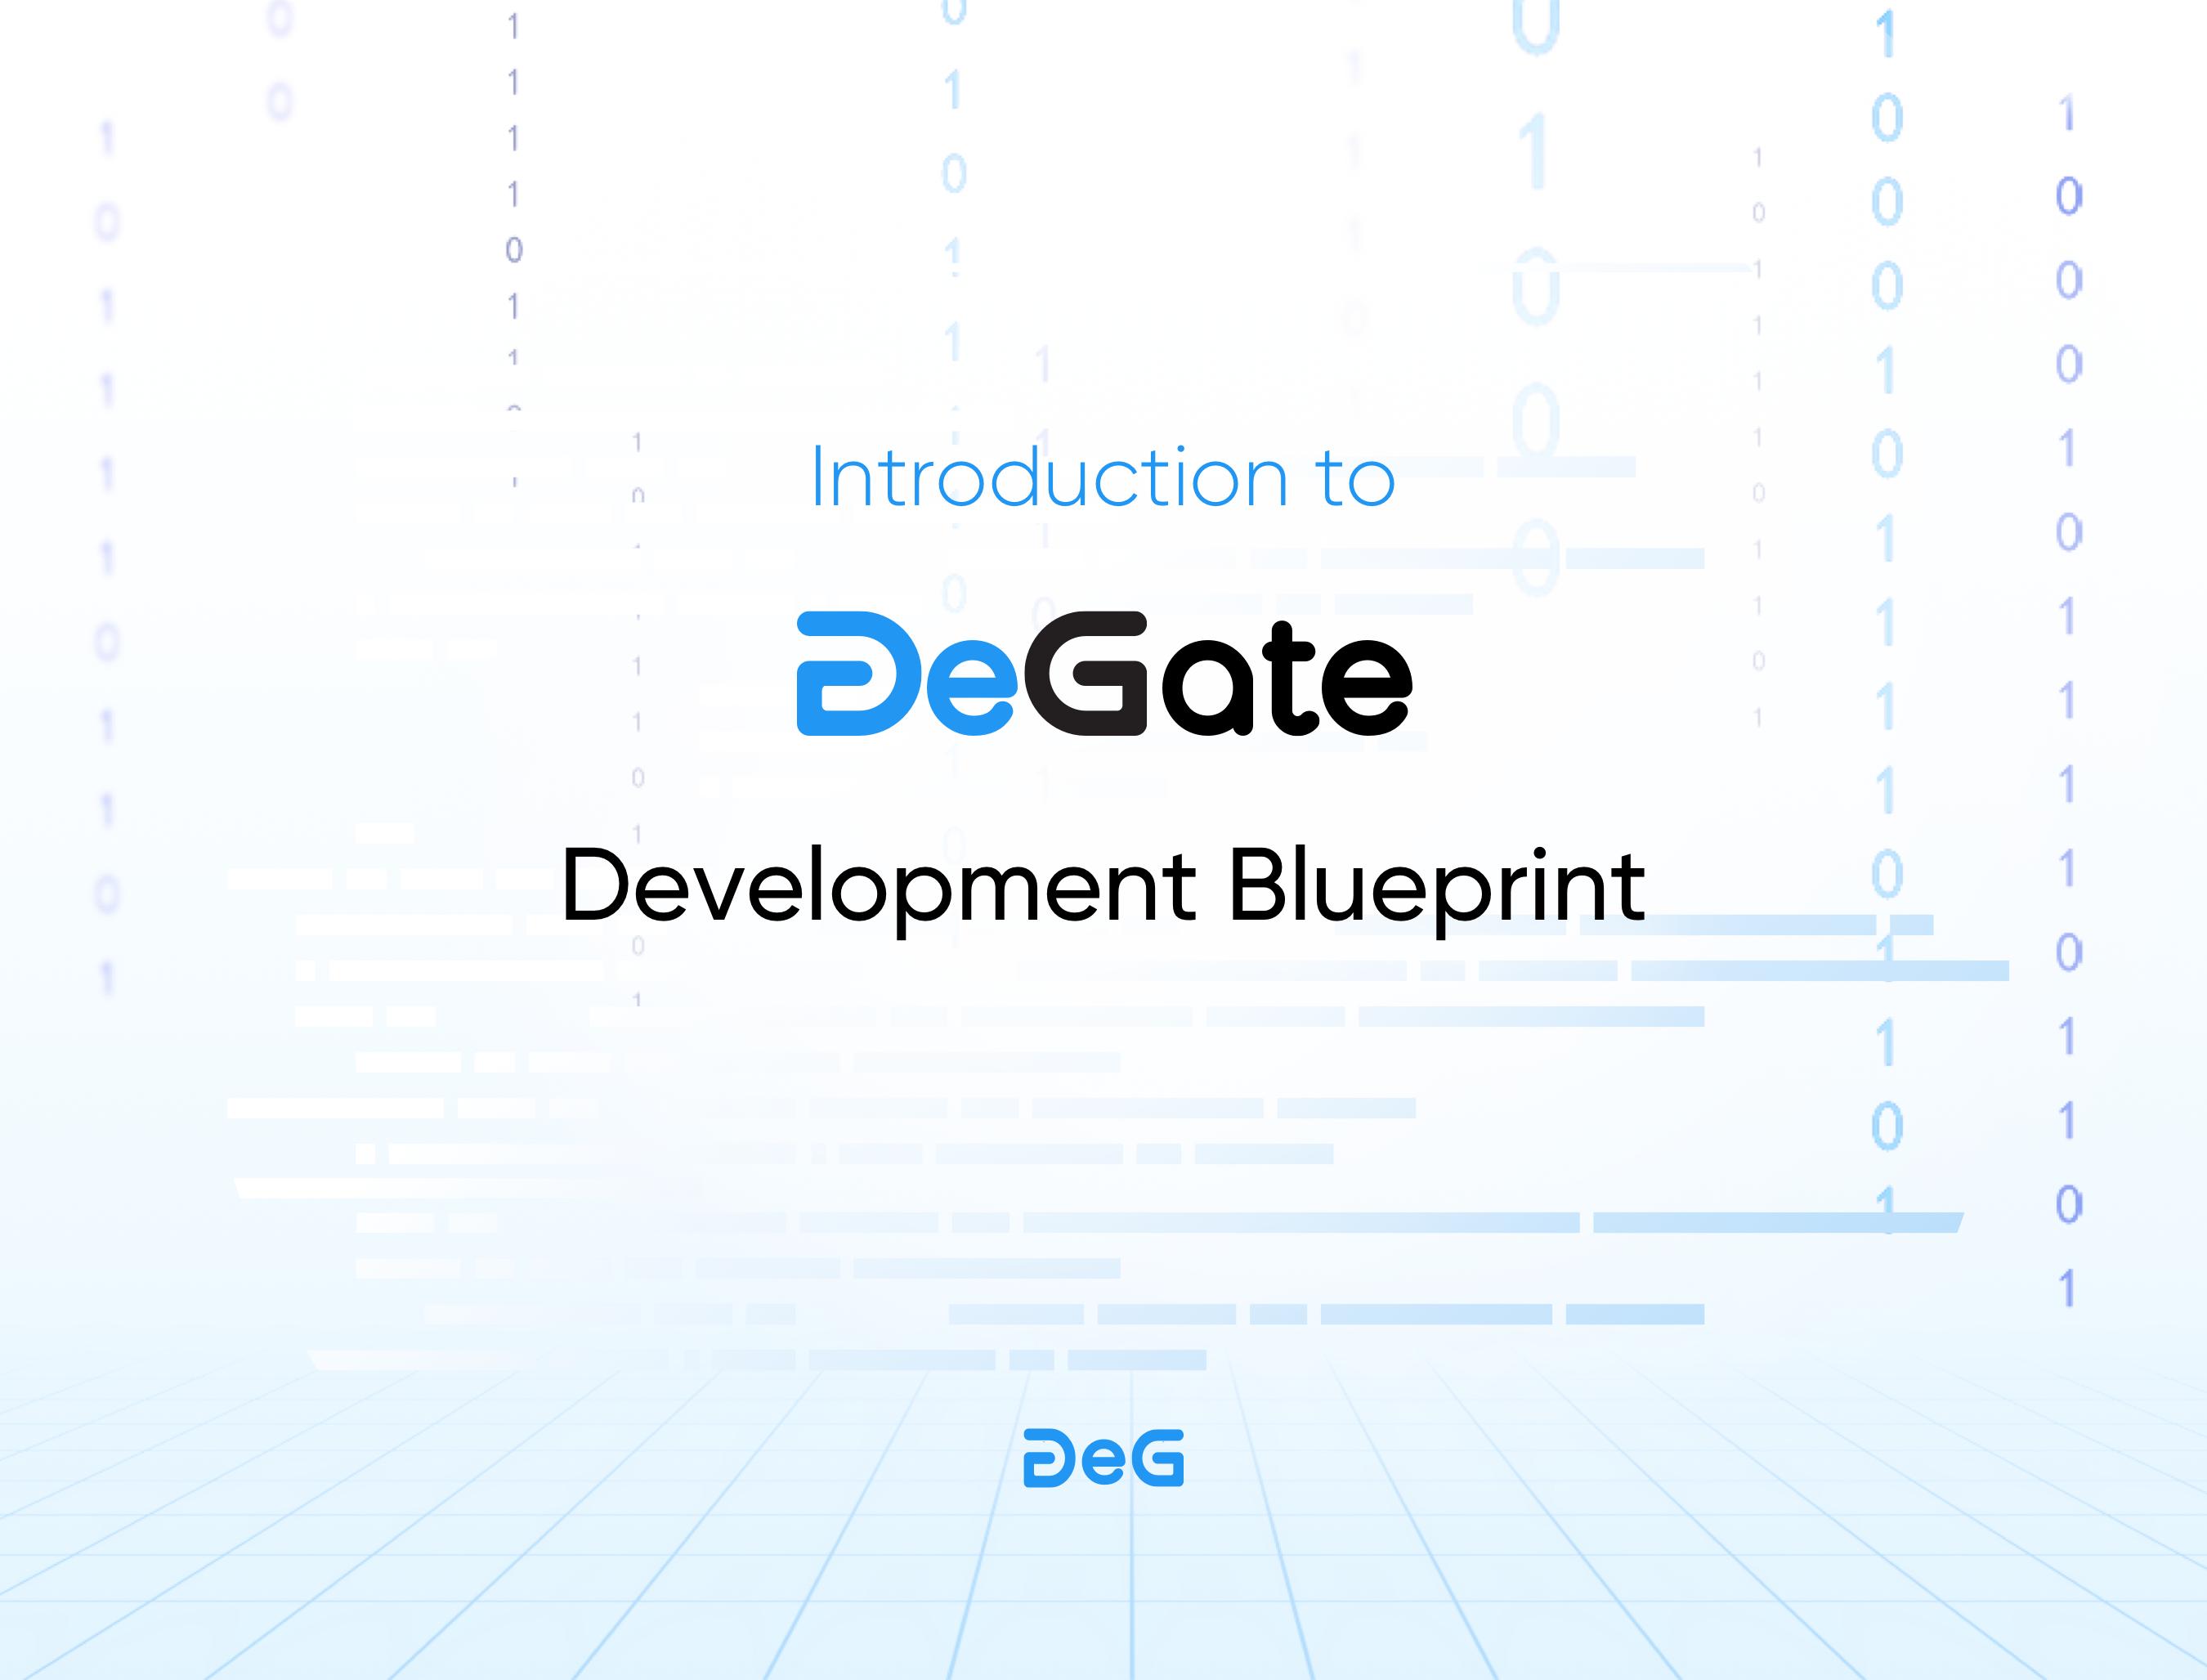 degate development